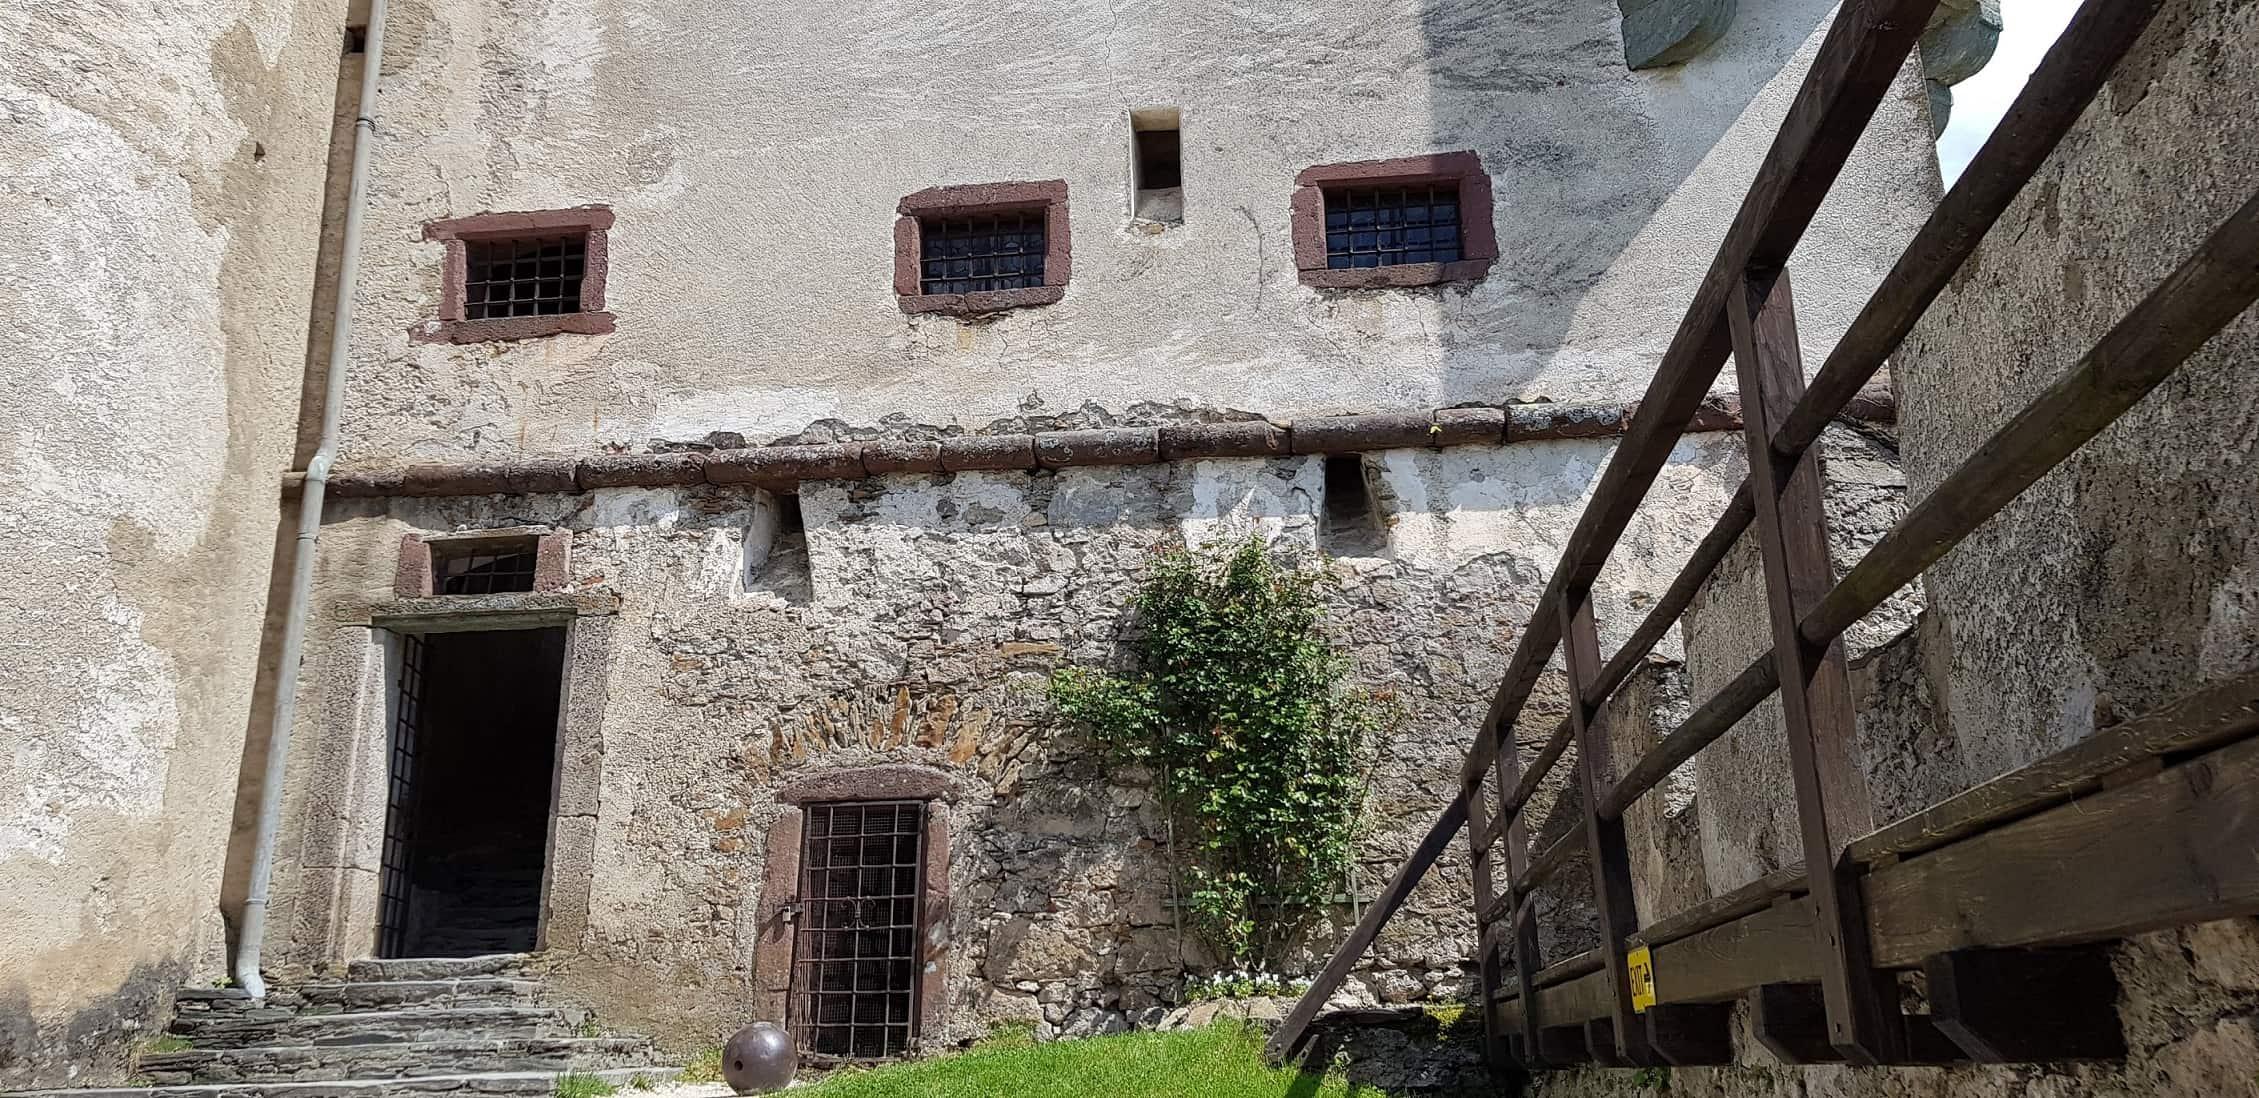 Mittelalterliche Mauern der Burg Hochosterwitz in Österreich - Mittelkärnten